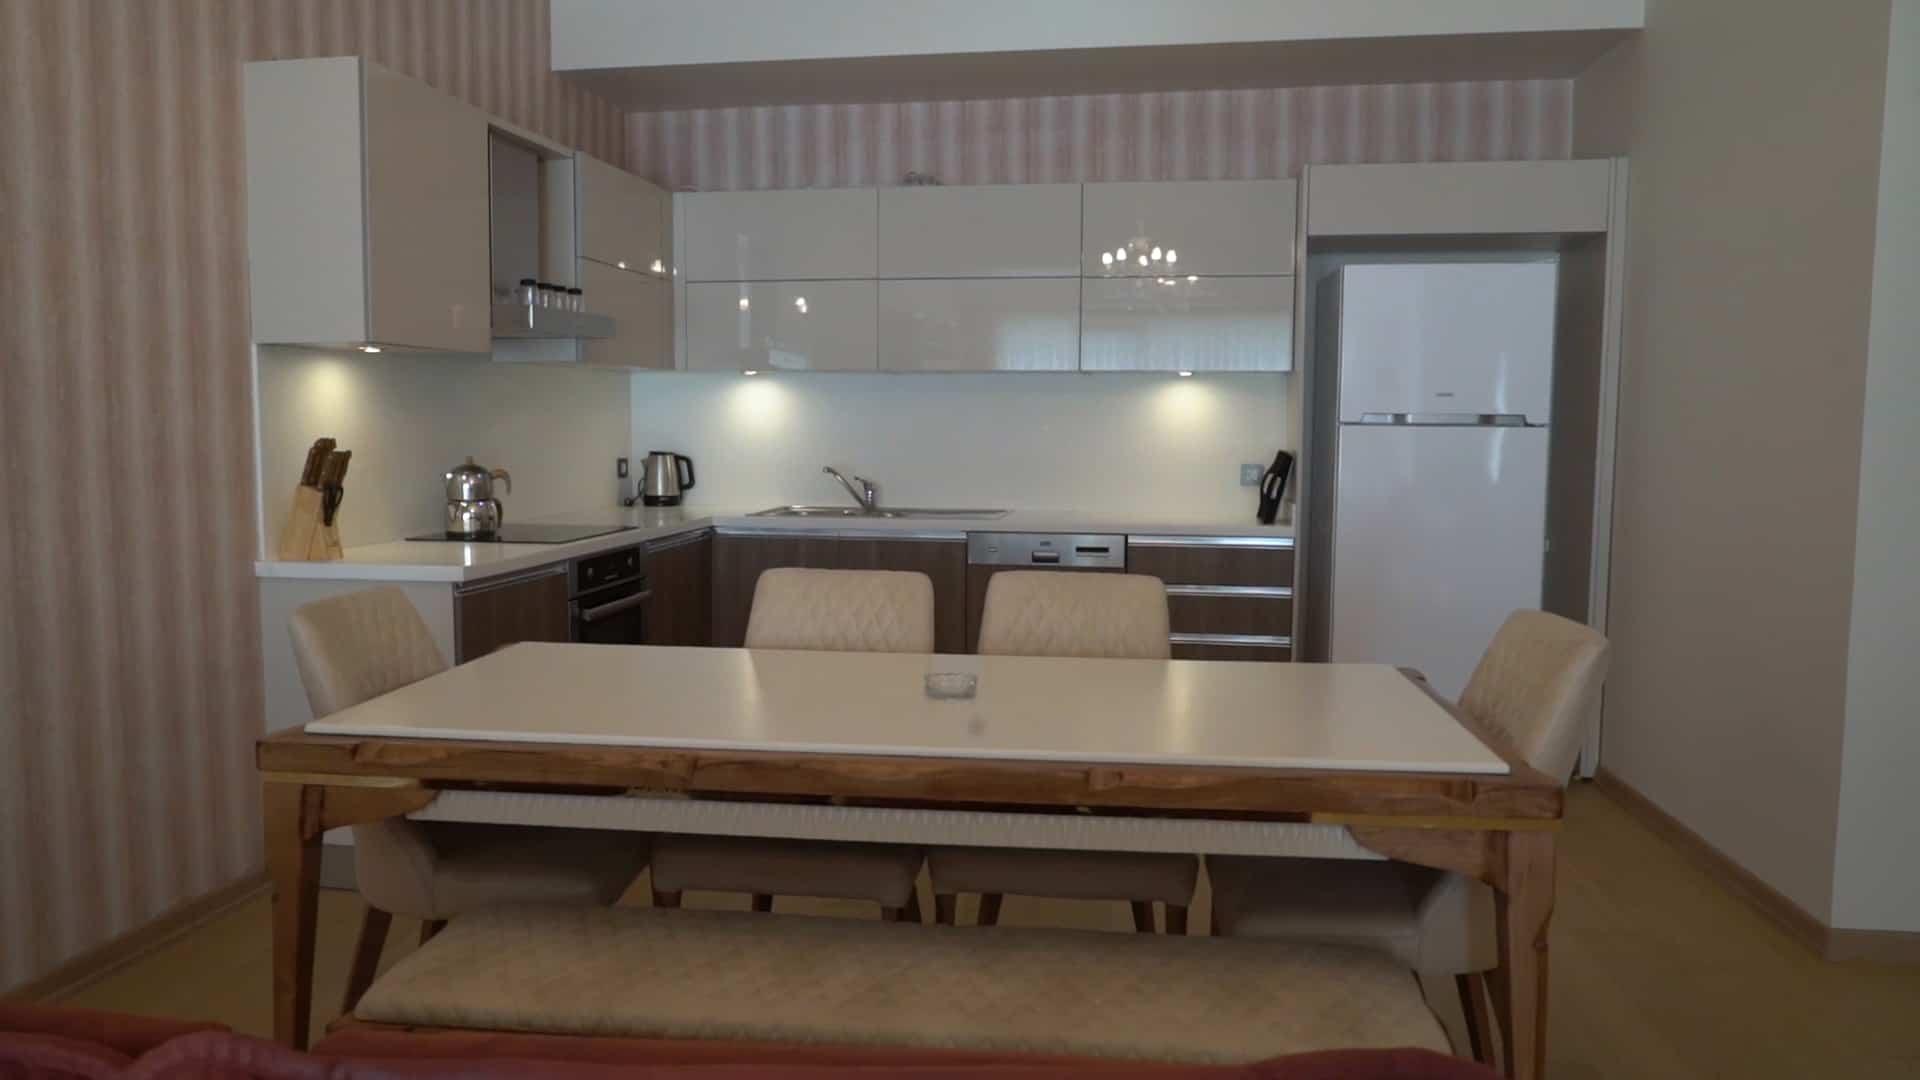 مطبخ شقة 3 غرف وصالون للايجار في مول فينيسيا